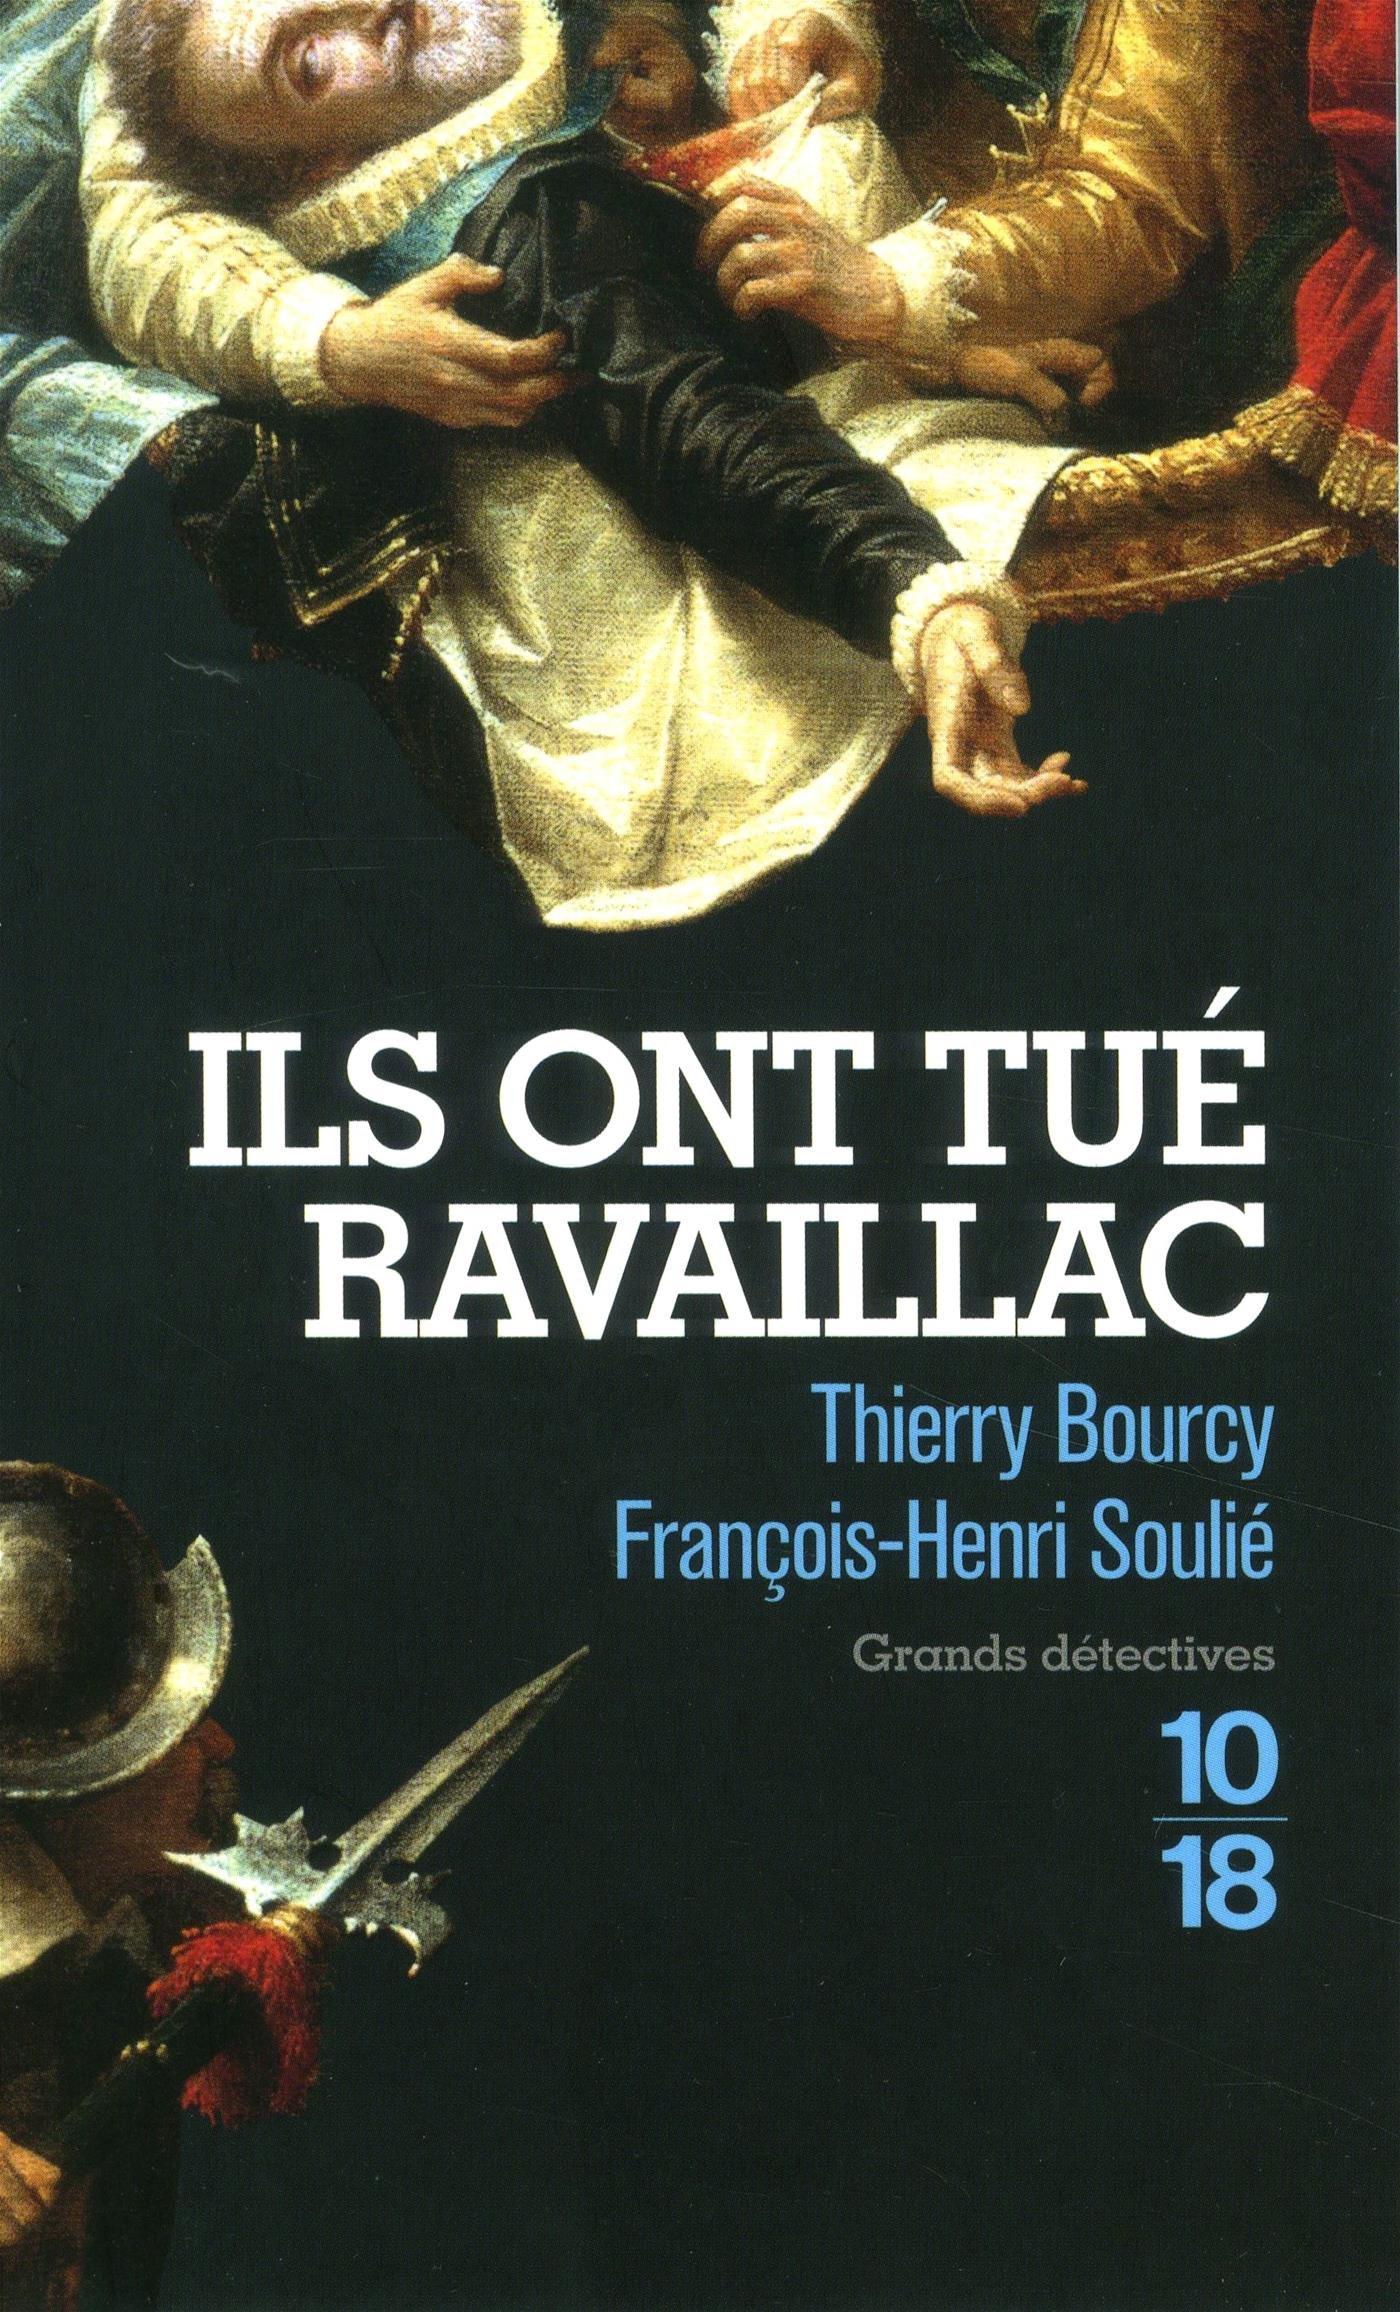 Ils ont tué Ravaillac Broché – 15 mars 2018 Thierry BOURCY François-Henri SOULIE 10 X 18 226407177X